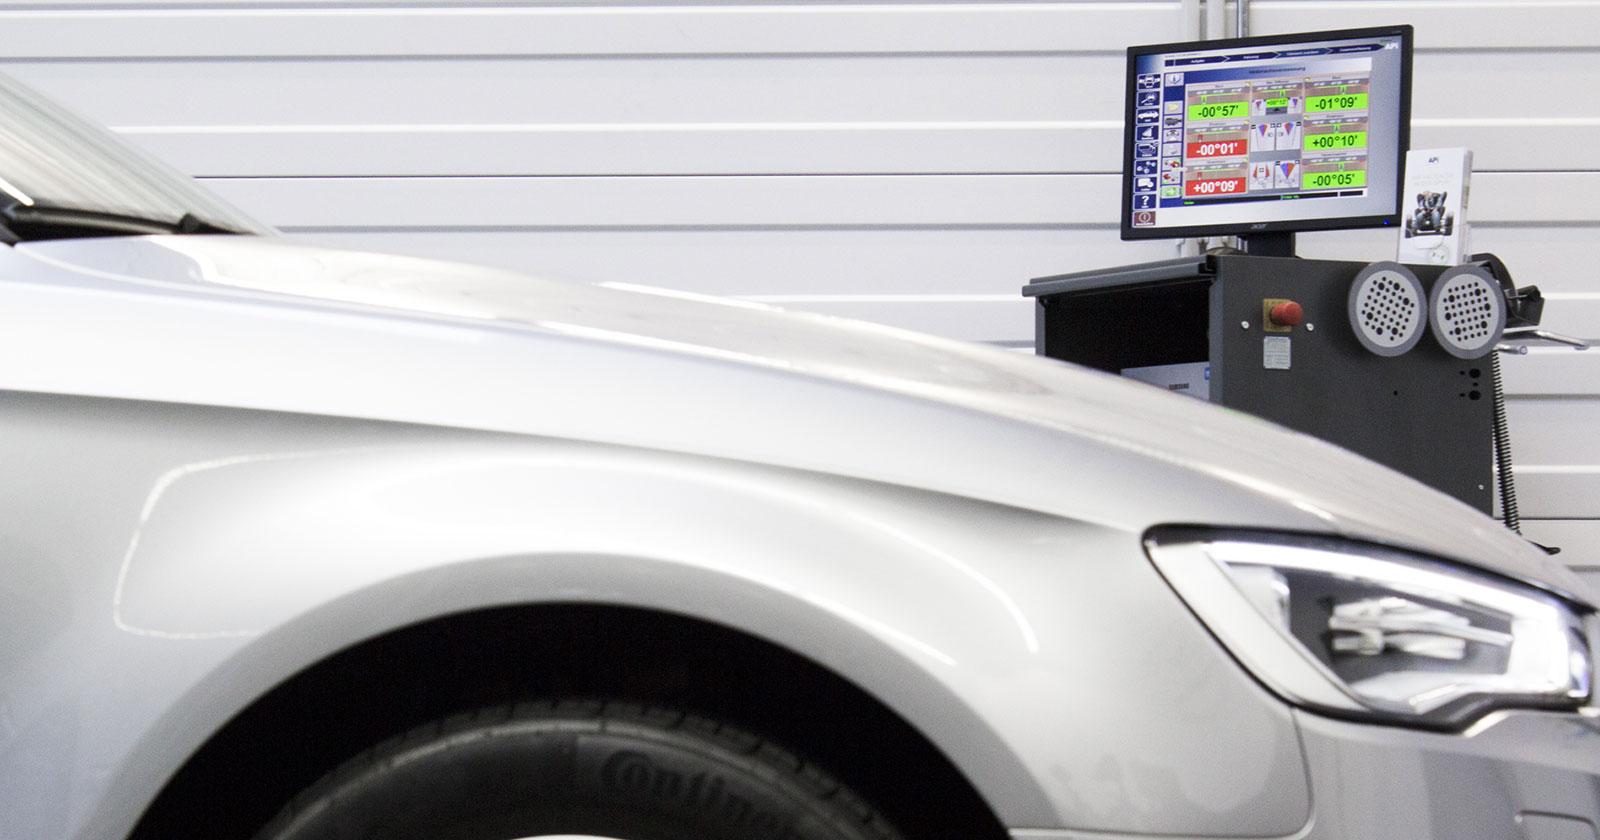 APi Digitalannahmesroboter R3000 für die berührungslose Fahrwerksvermessung